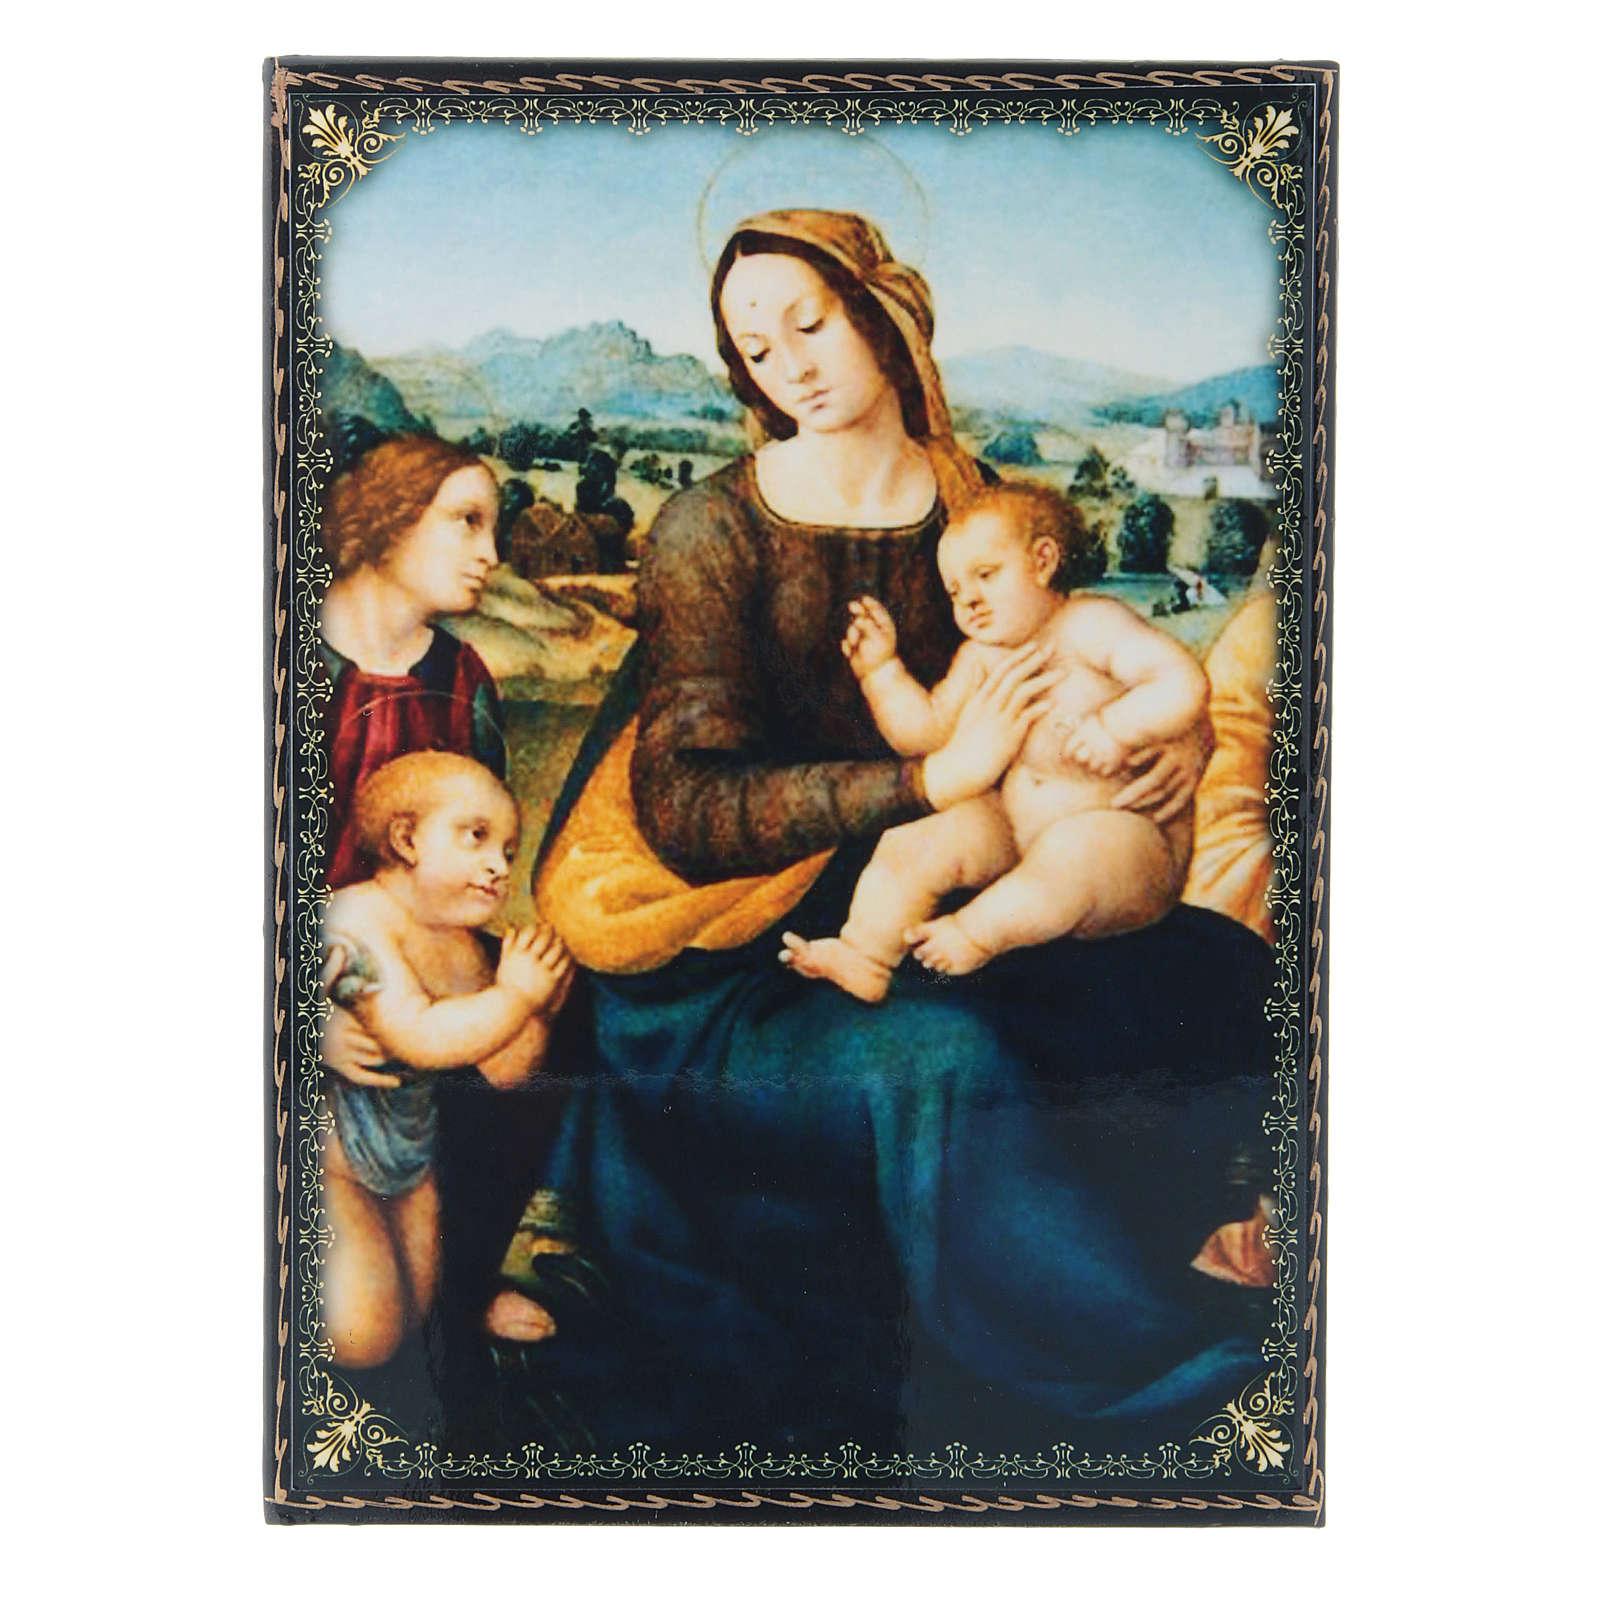 Scatola russa cartapesta decorata Madonna col Bambino, S. Giovannino e Angeli 22X16 cm 4